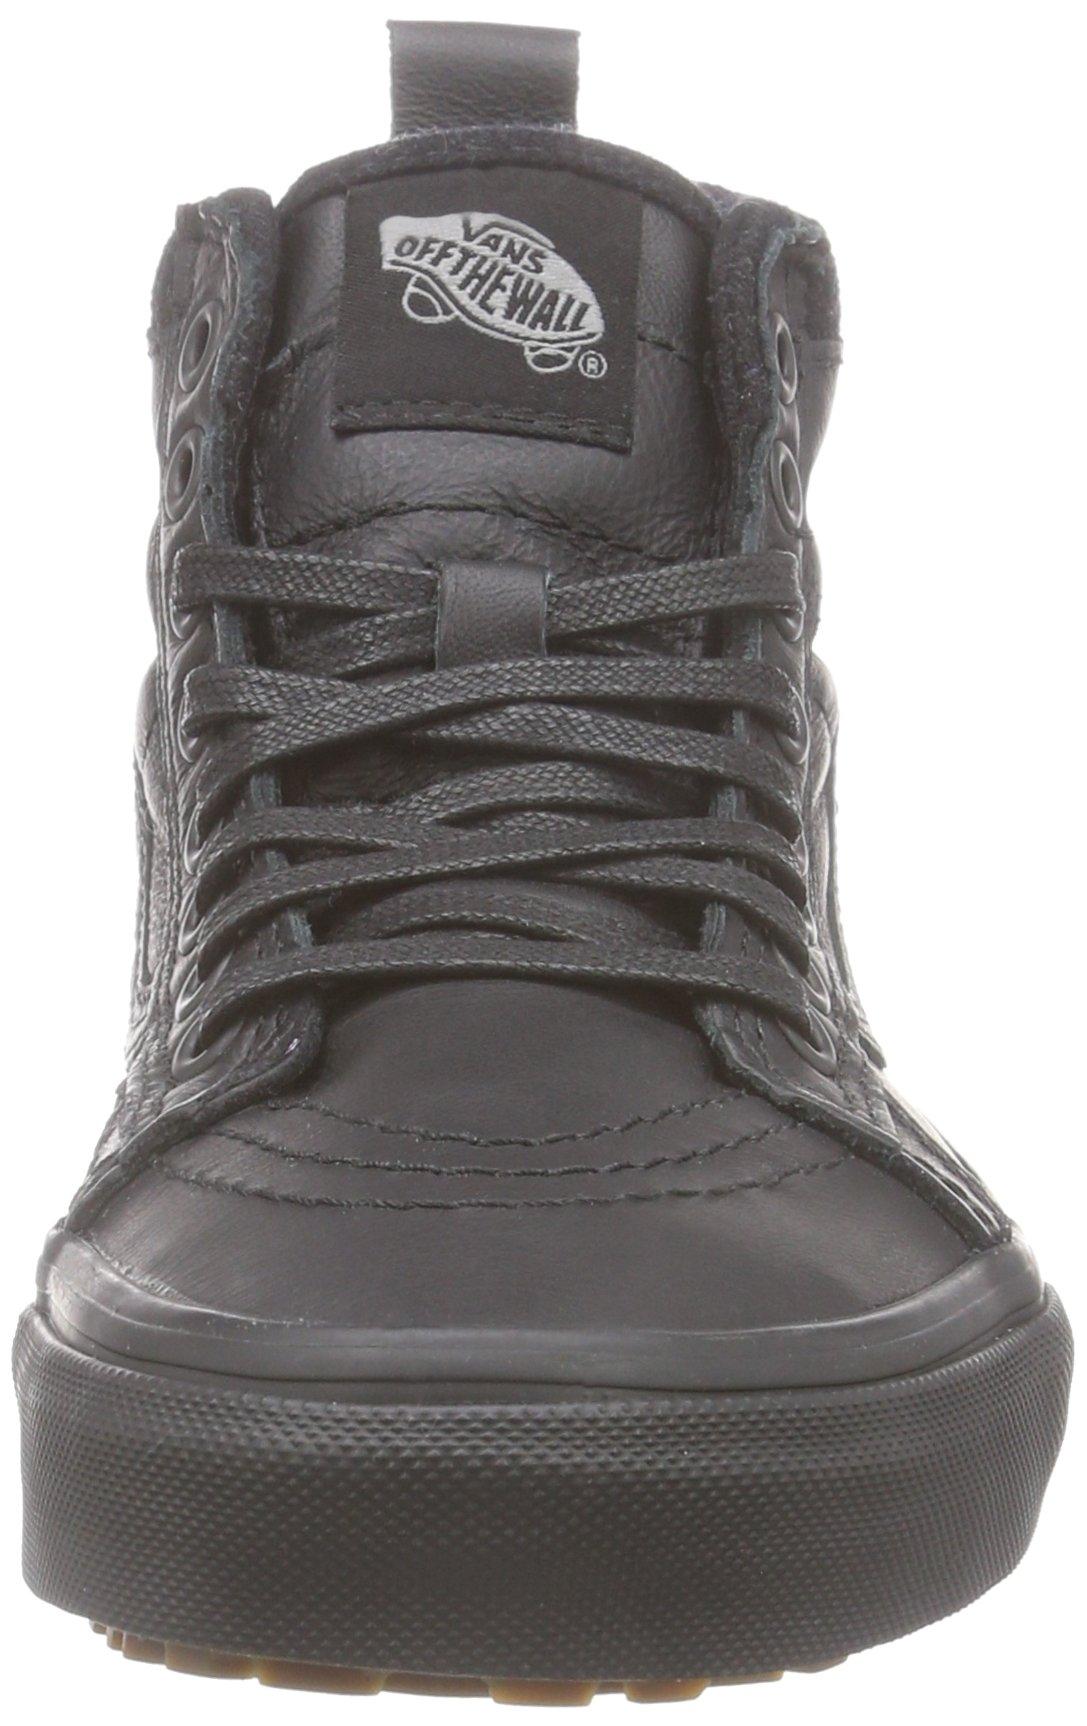 Vans Unisex SK8-Hi MTE (Mte) Black/Leather 11.5 Women / 10 Men M US by Vans (Image #4)